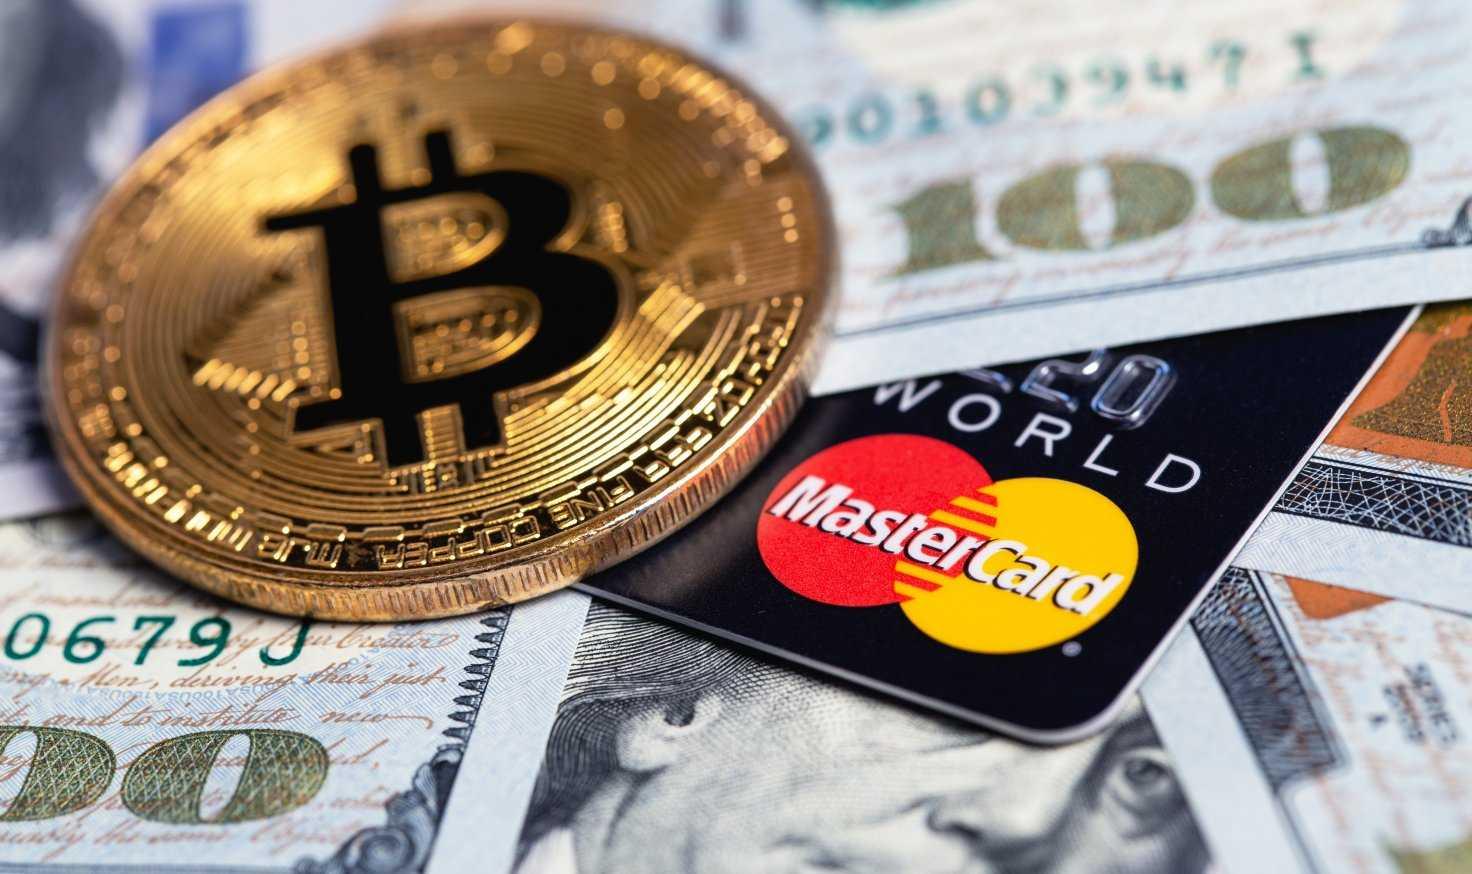 MasterCard kripto para şirketi Ciphertace'i satın aldı